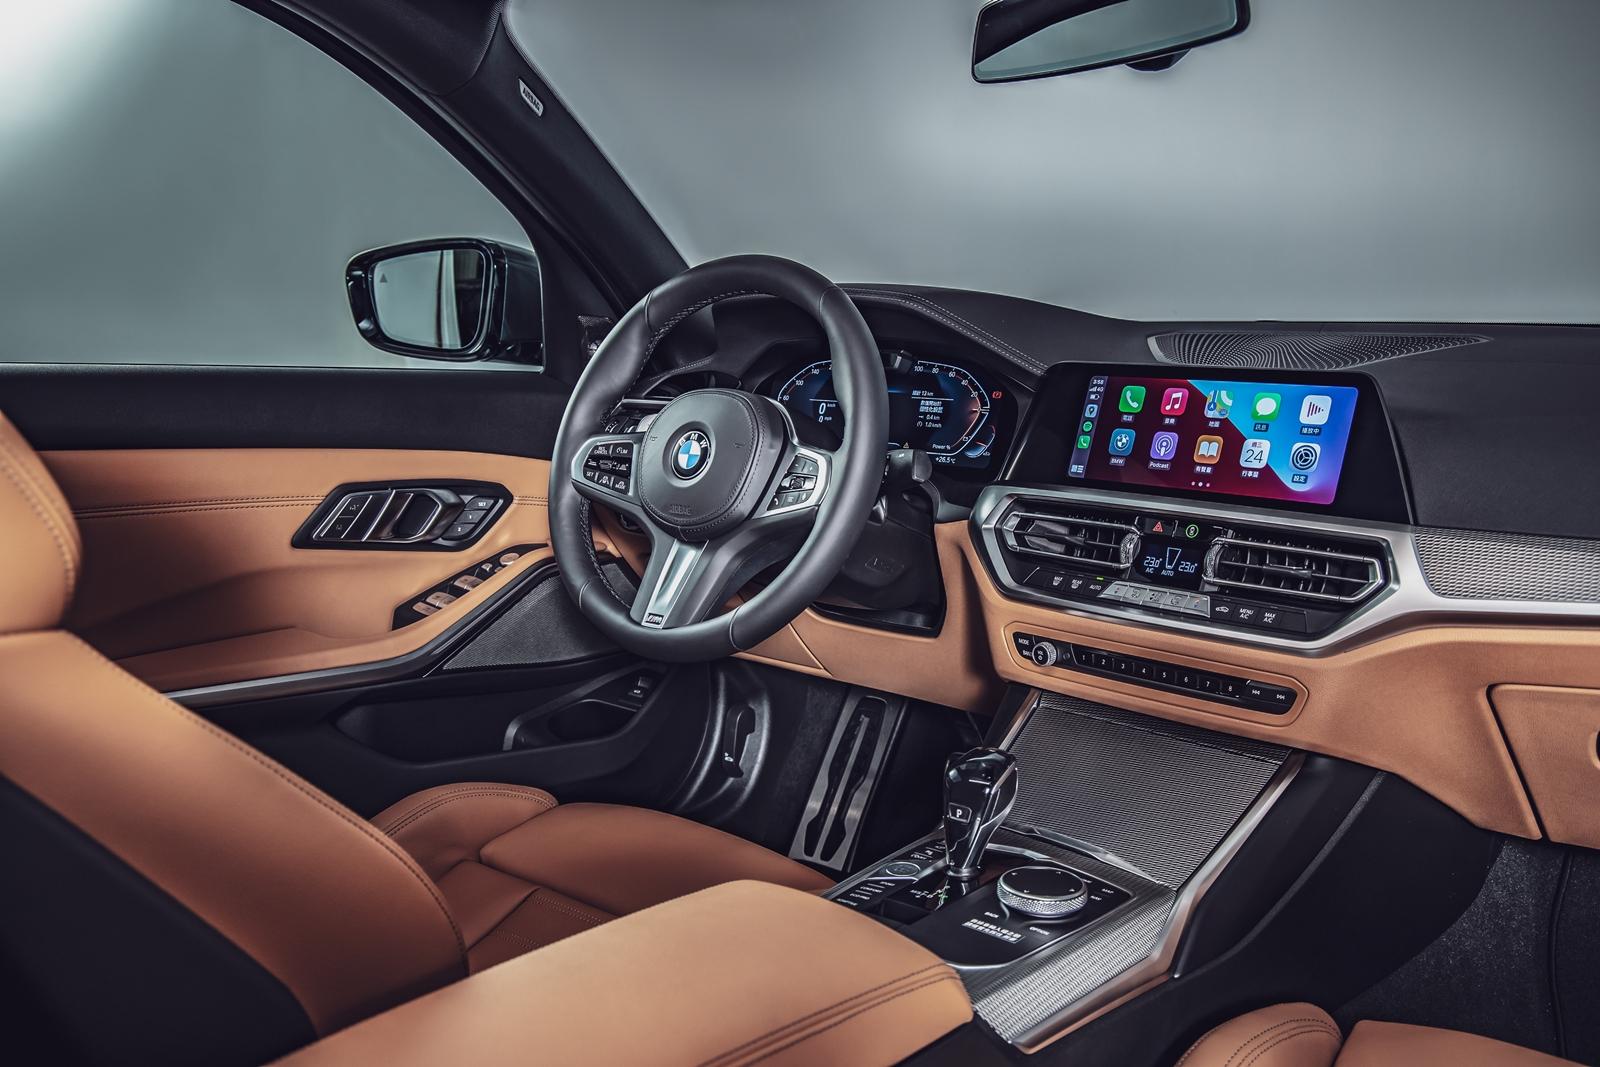 BMW 全數位虛擬座艙(12.3吋虛擬數位儀錶及10.25吋中控觸控螢幕)、車況抬頭顯示器、360 度環景輔助攝影、智慧語音助理 2.0 及 BMW Personal CoPilot 智慧駕駛輔助科技。